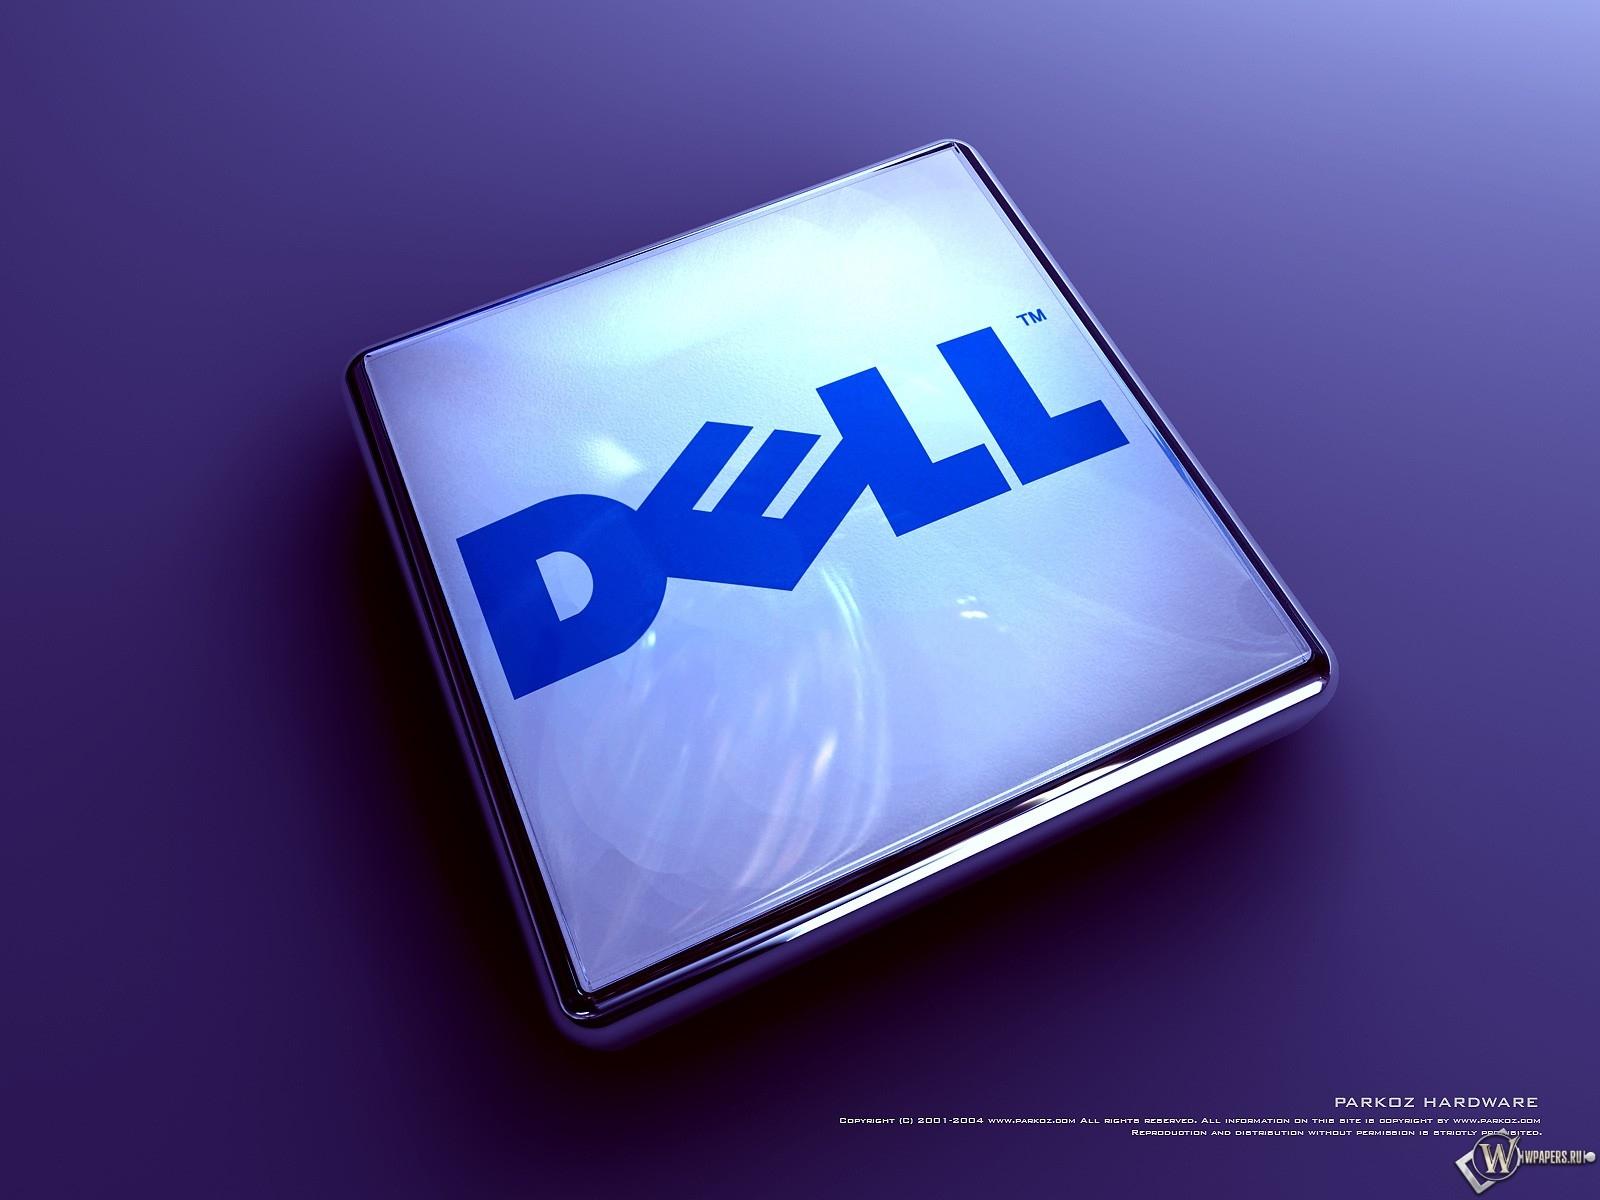 Dell 1600x1200